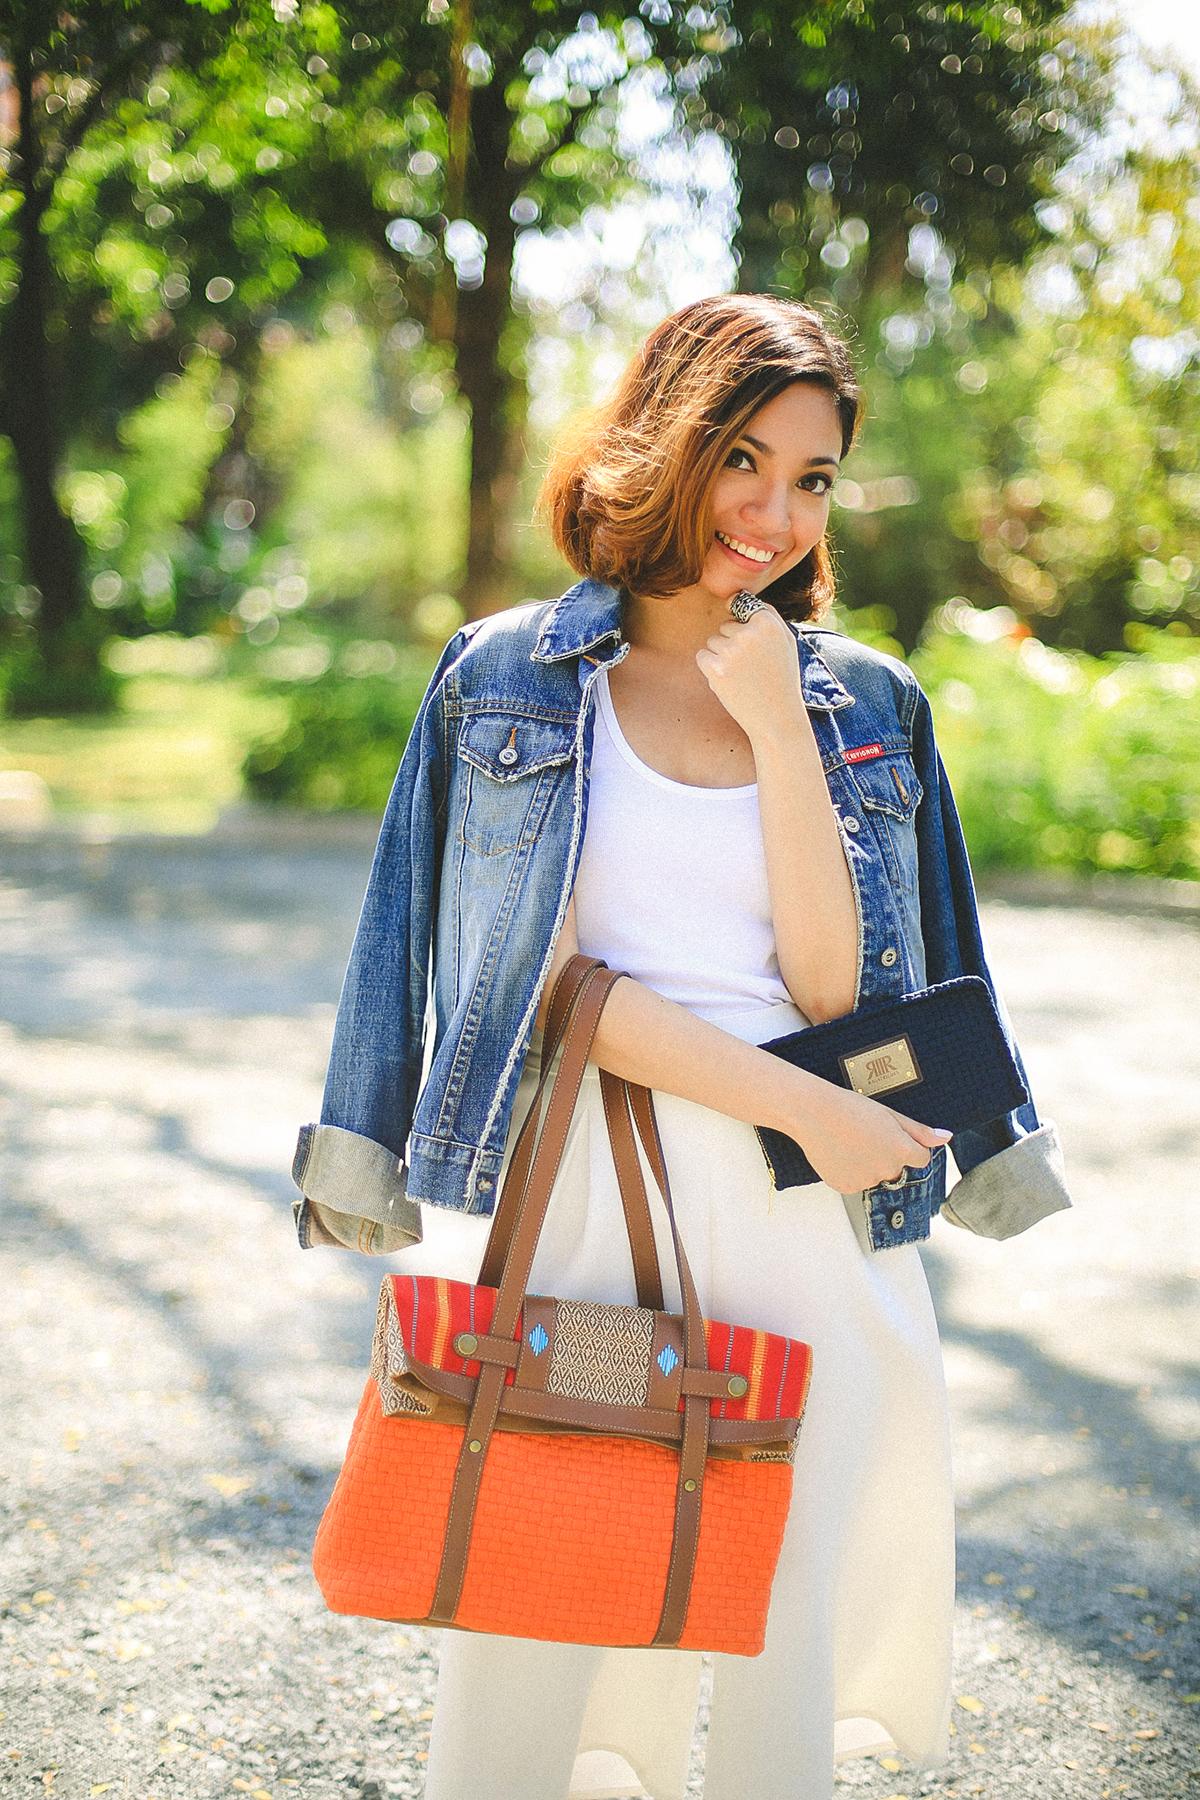 rags-2-riches-viaje-lookbook-look1-6